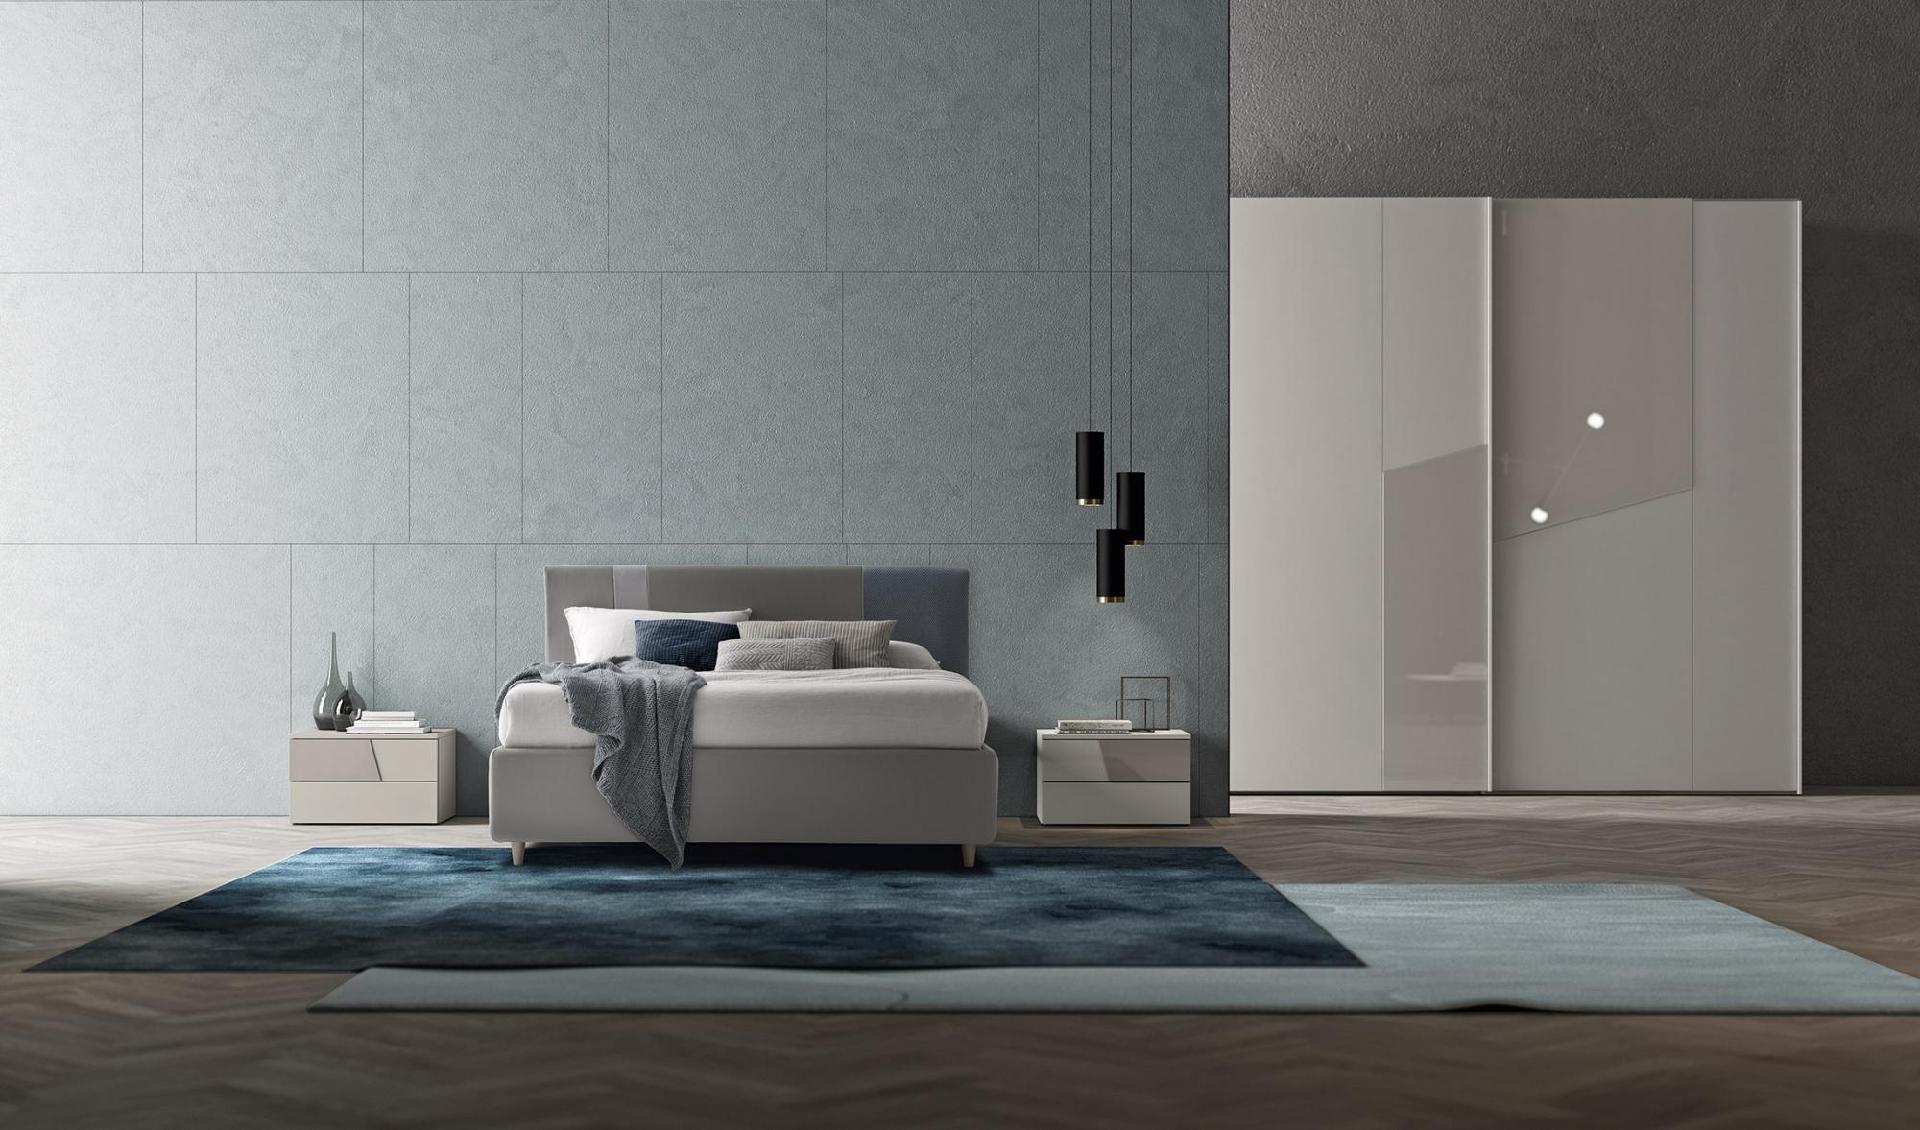 Camere Da Letto Ultramoderne camere da letto moderne vitality sogno - rilievo [fraz. di